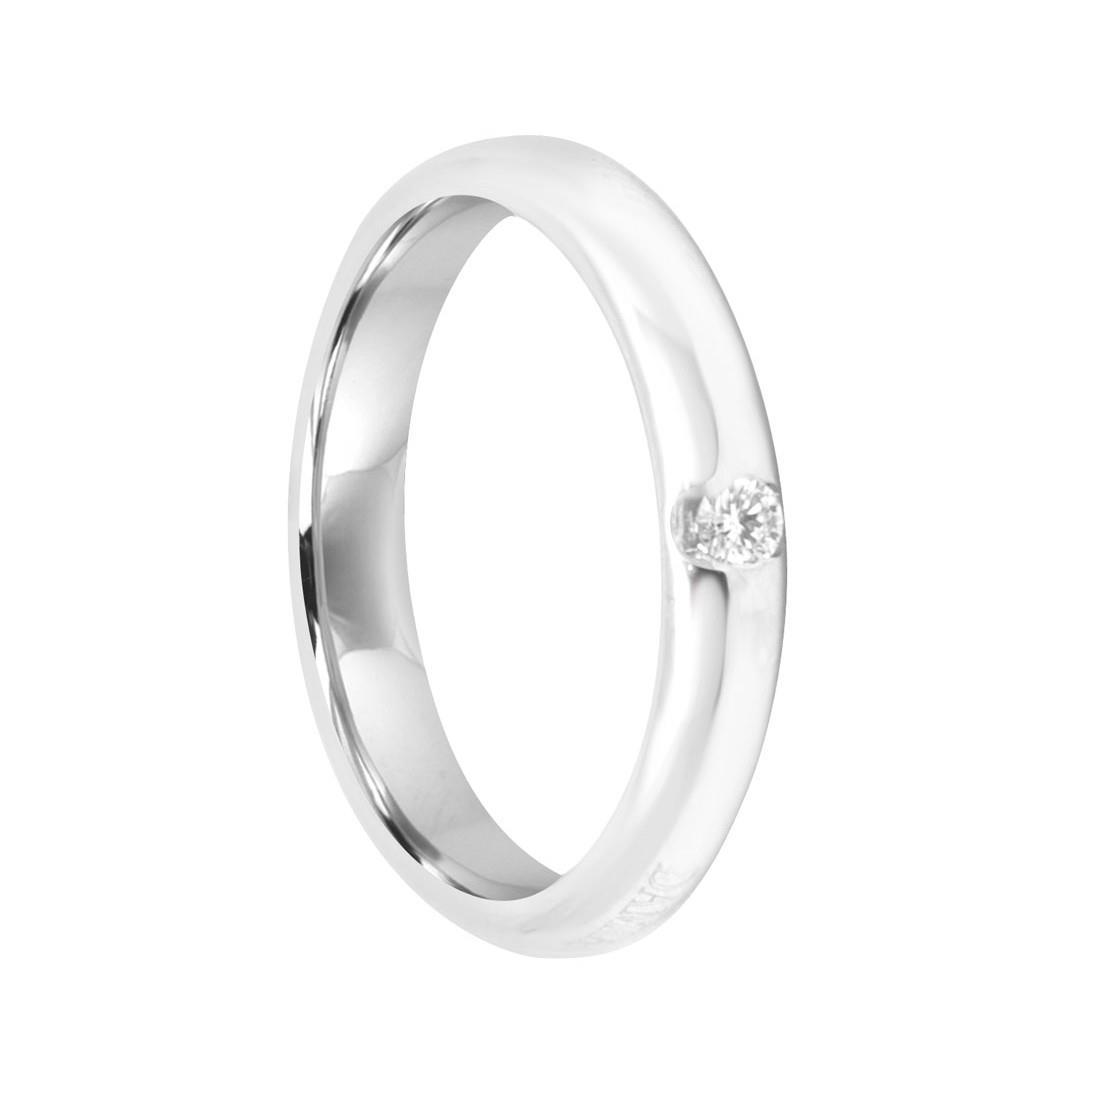 Anello solitario in oro bianco con diamante, misura 7 - DAMIANI